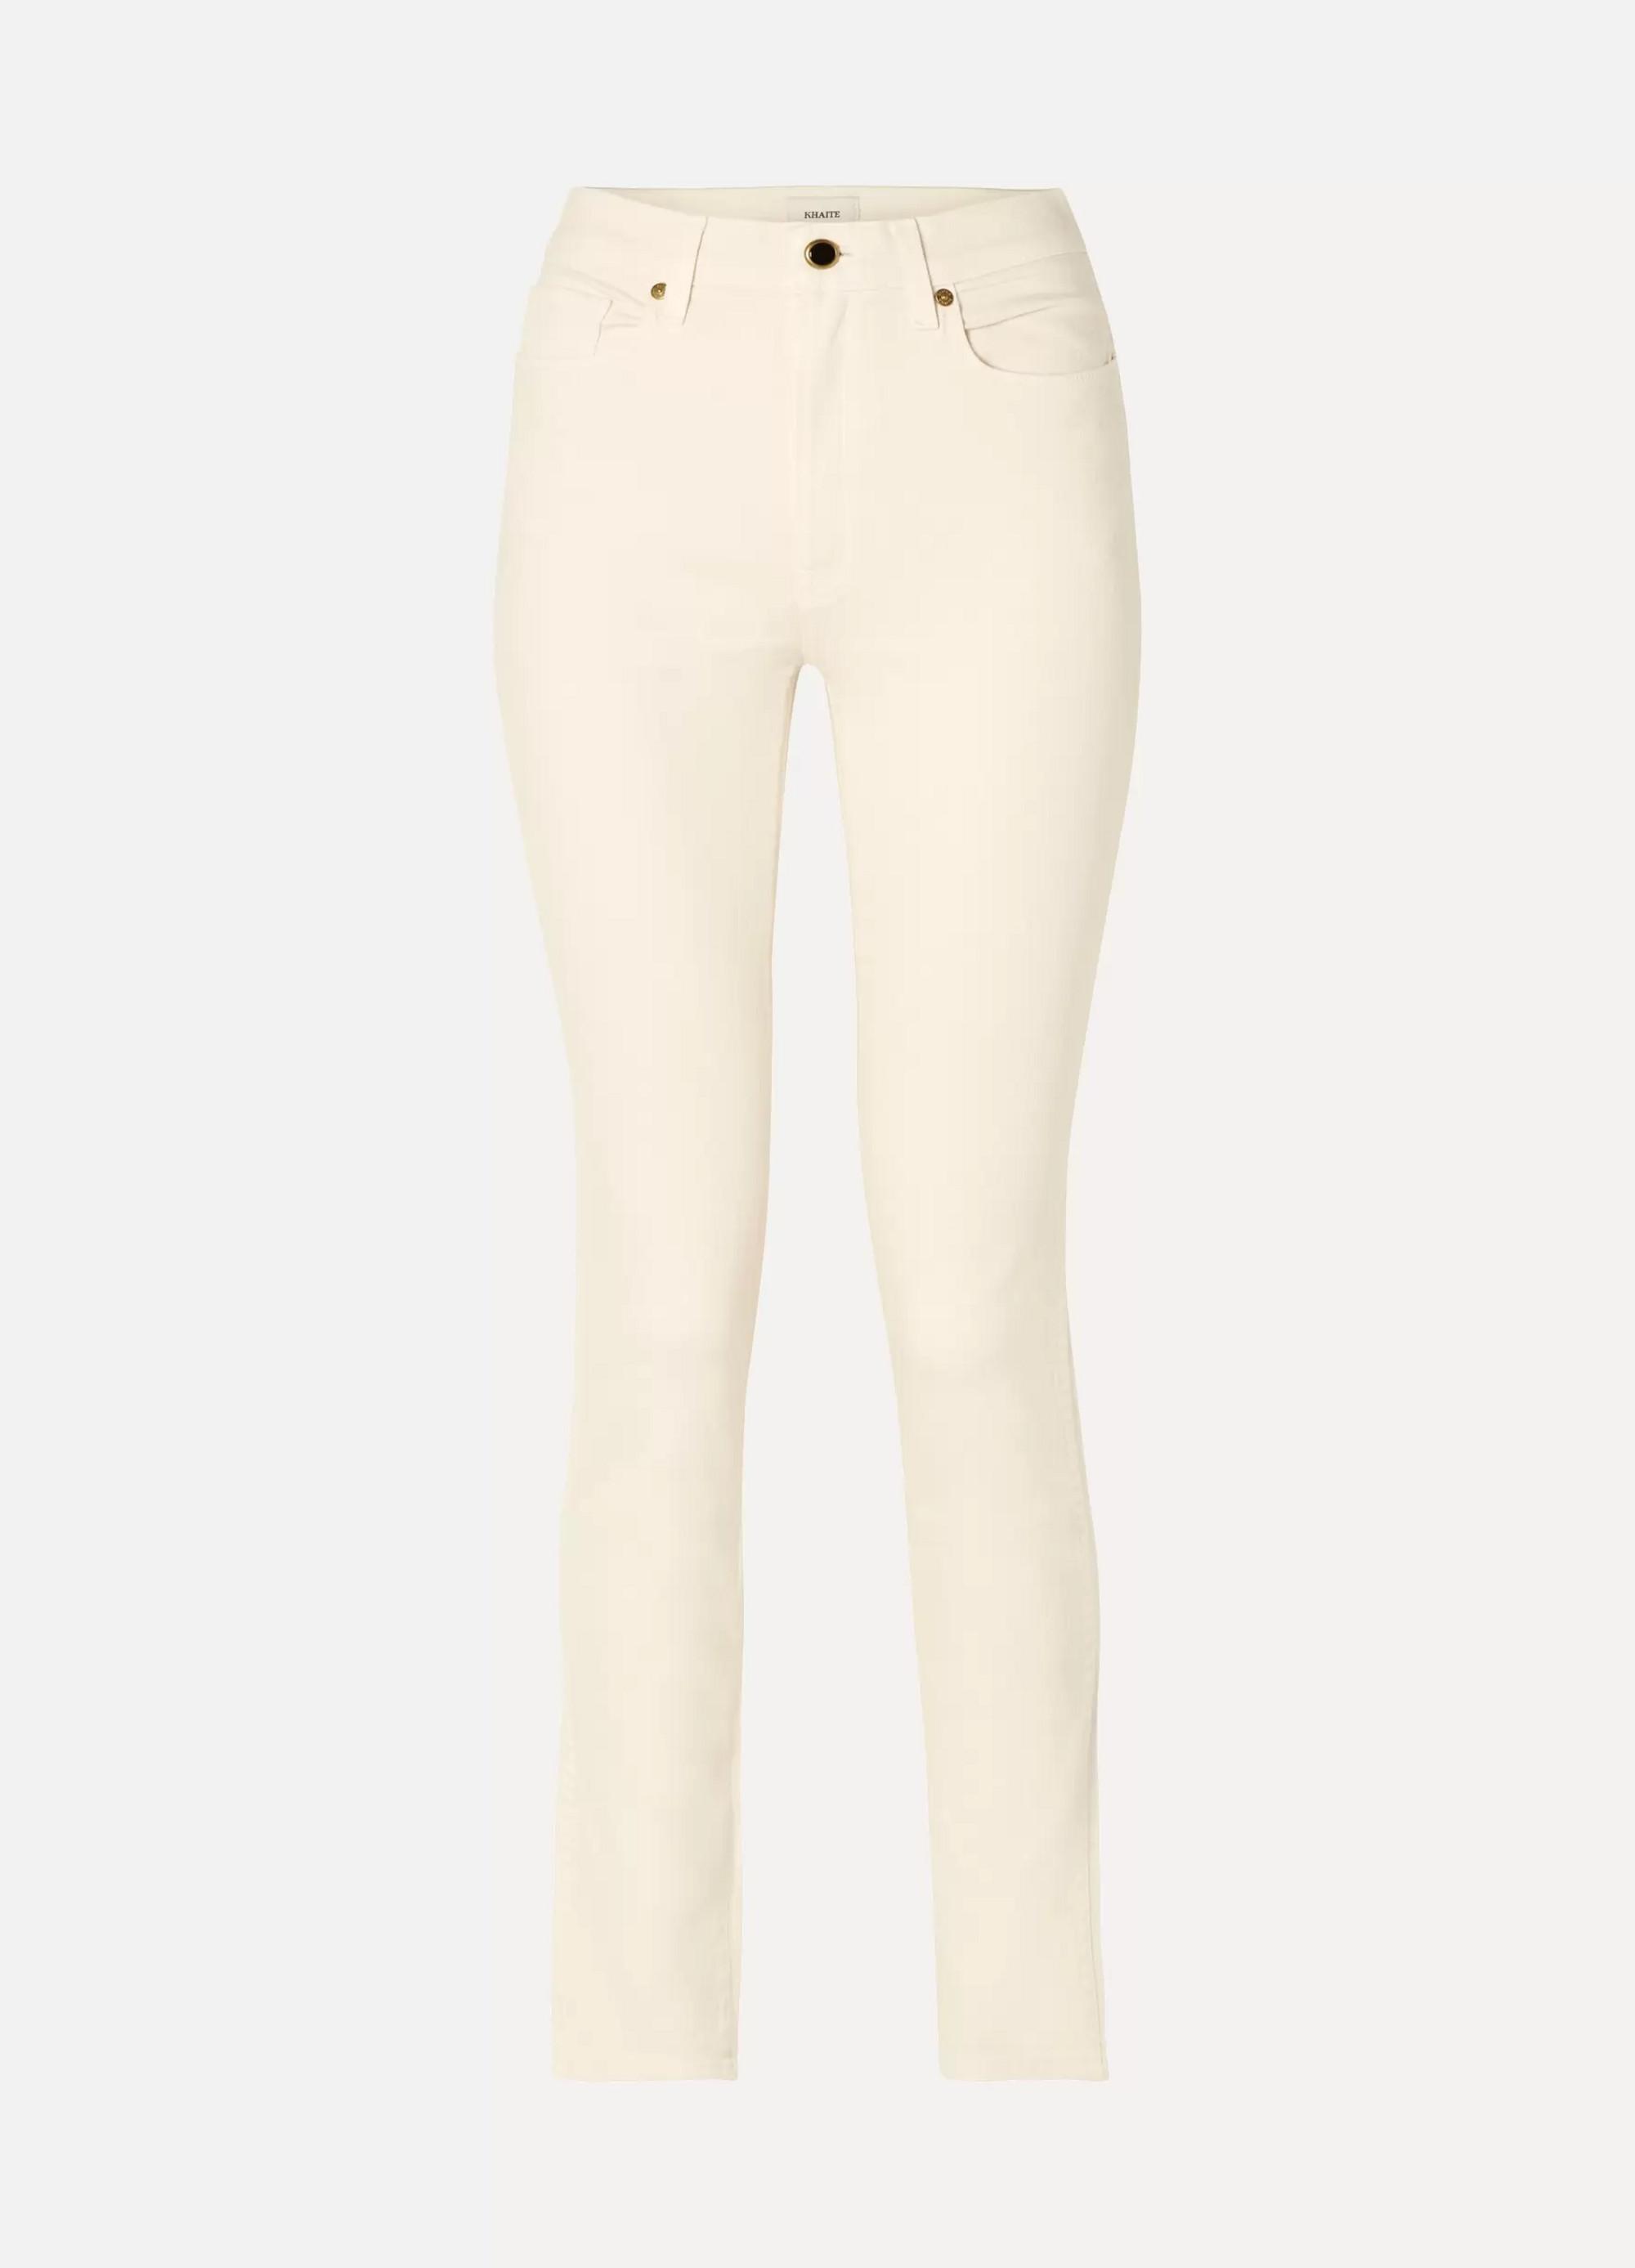 Khaite Vanessa 高腰窄腿牛仔裤